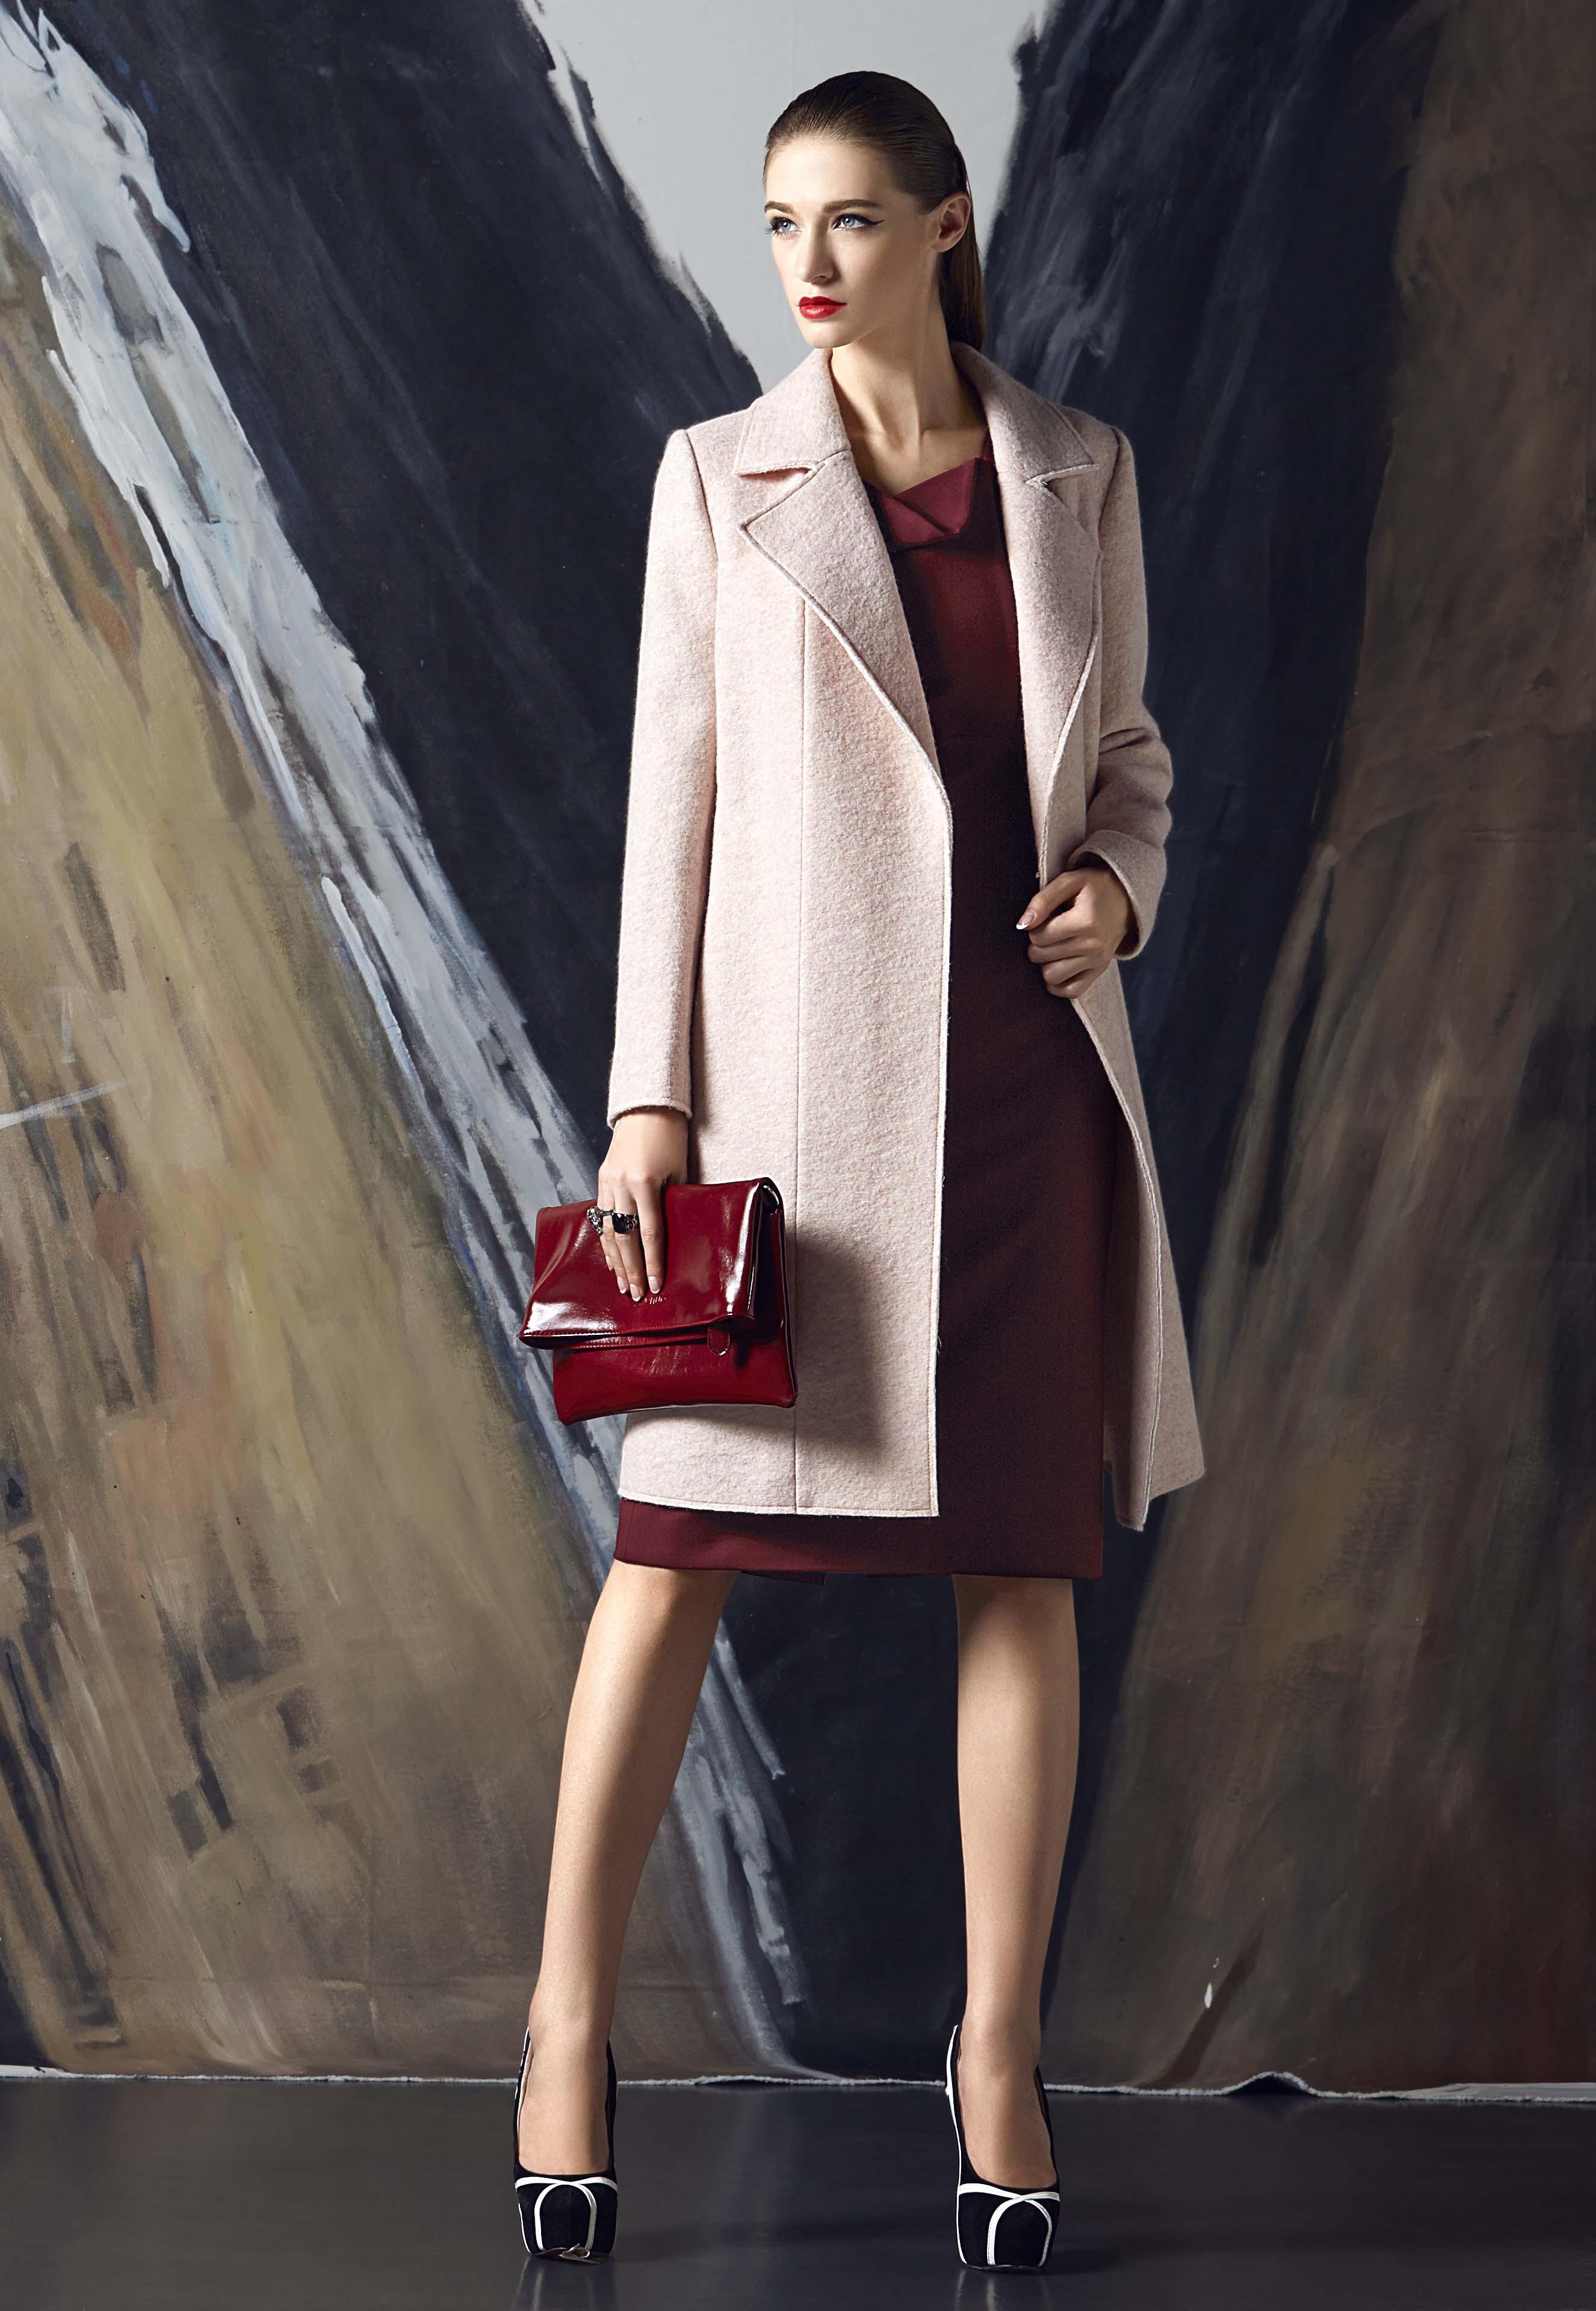 时尚知性优雅女人--janestory经典故事品牌诚邀加盟商